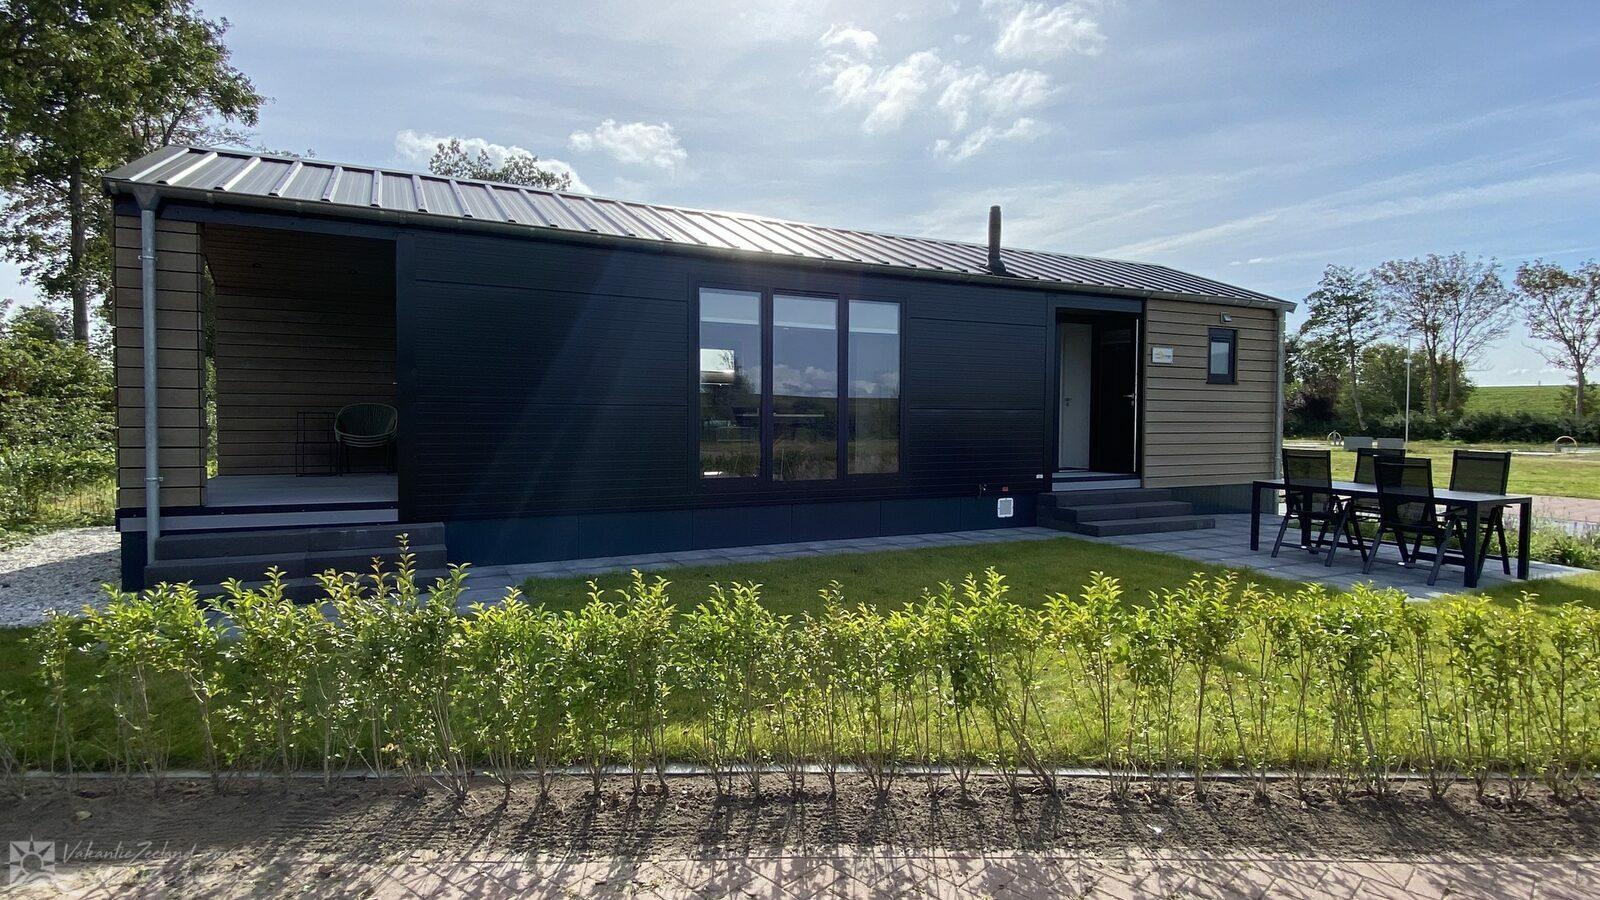 vakantiehuis Nederland, Zeeland, Scherpenisse vakantiehuis VZ1035 Luxe vakantiechalet in Scherpenisse